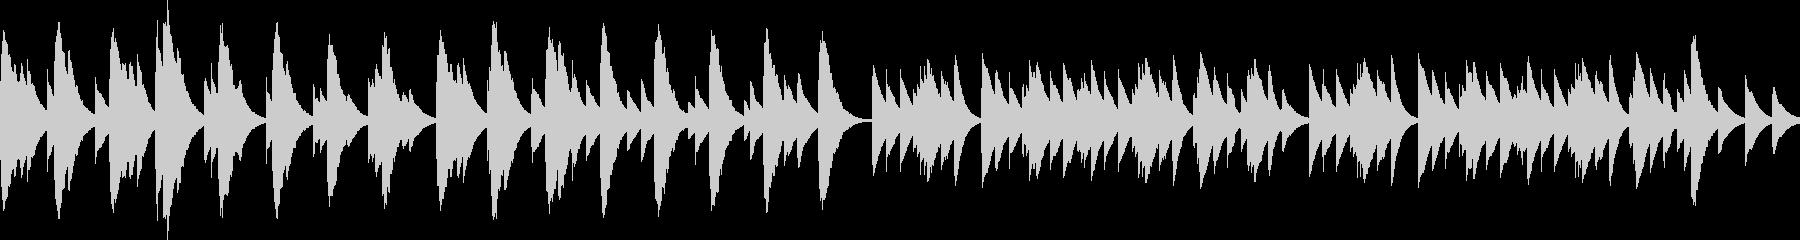 優しくてしんみりするBGM(ループ)の未再生の波形